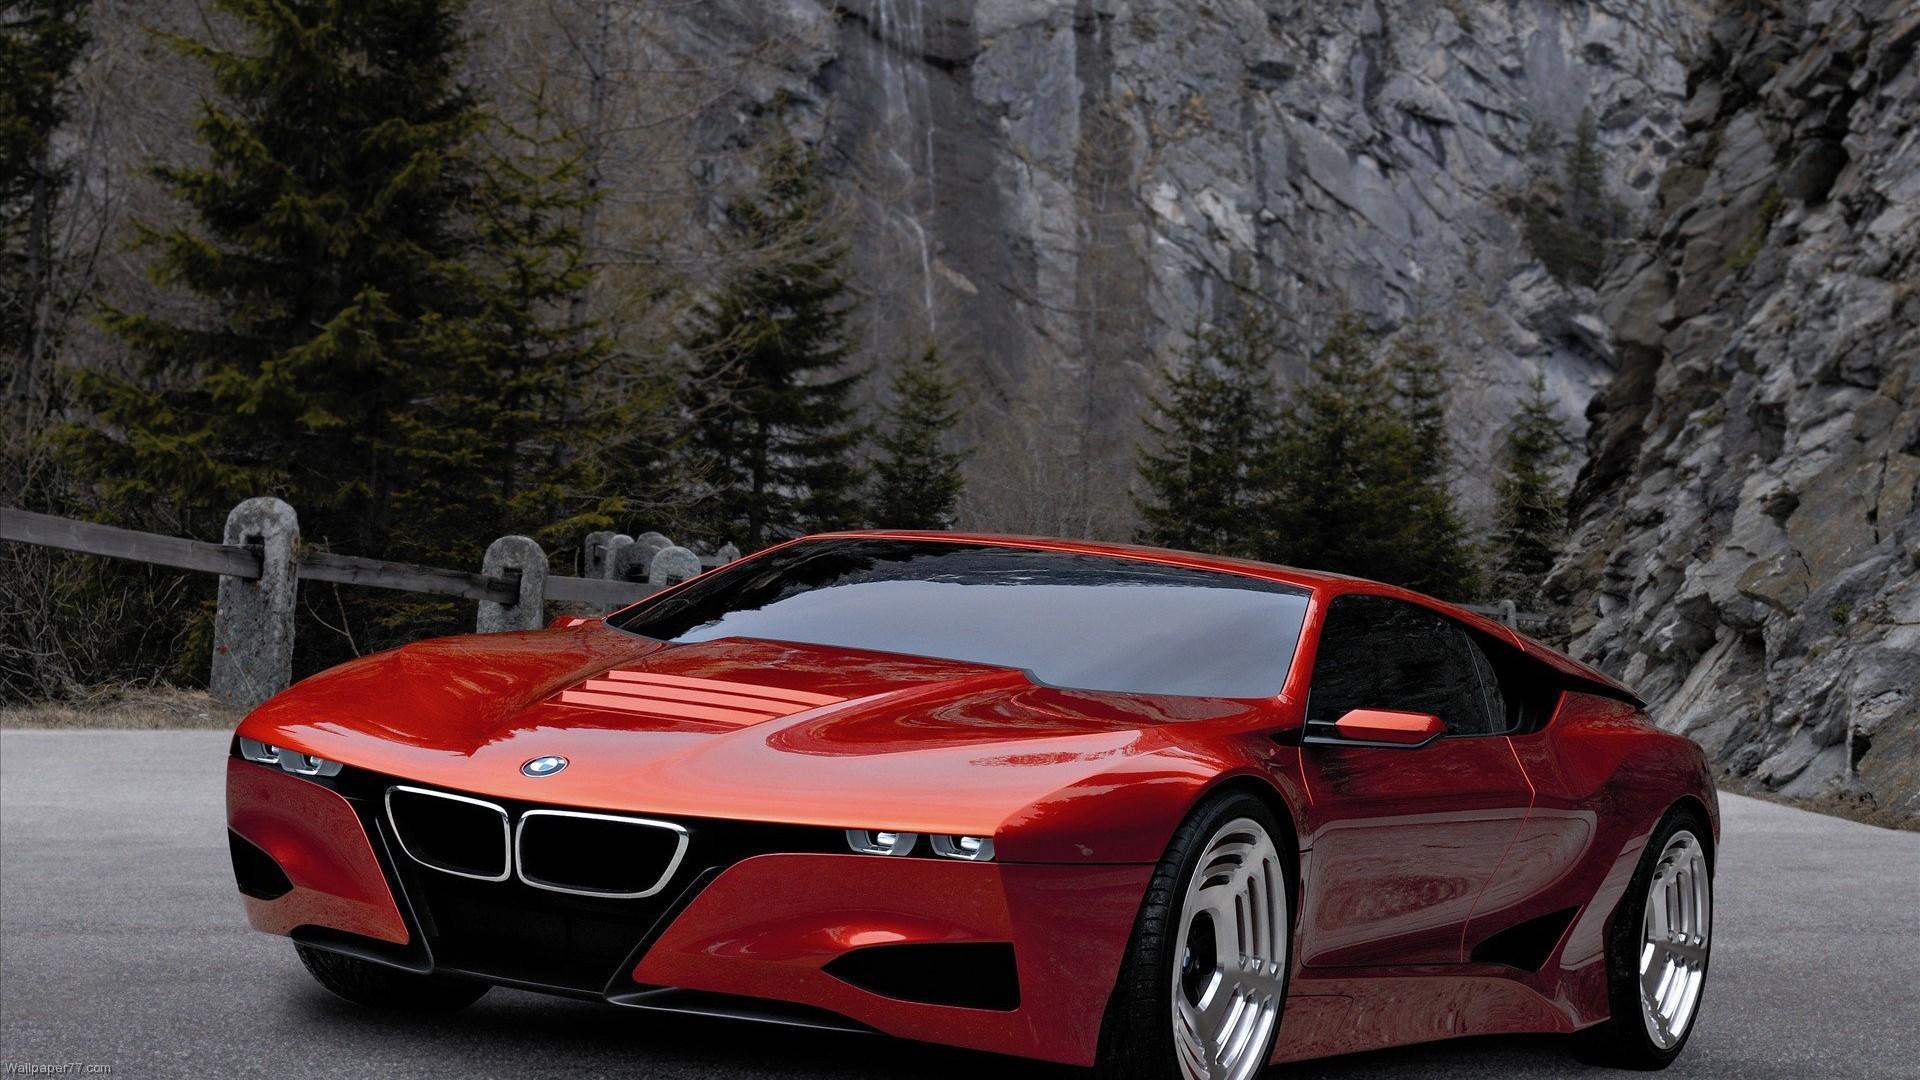 Bmw M1 Homage Concept Car Hd Desktop Wallpaper Widescreen High Definition Fullscreen